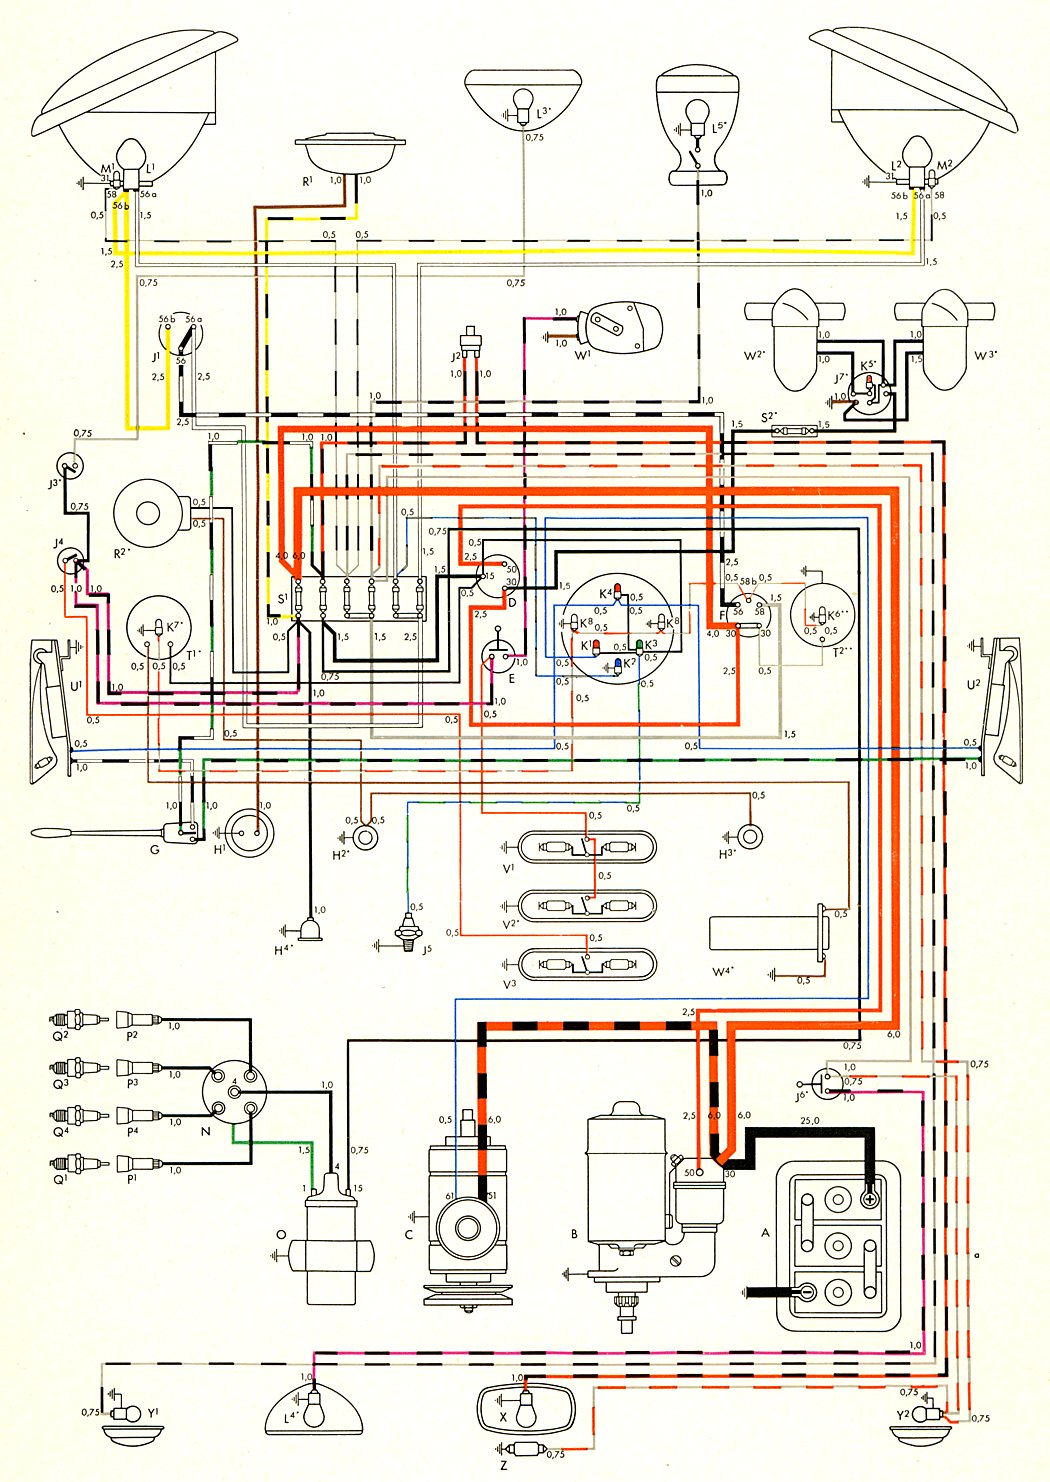 1973 vw transporter bus wiring diagram